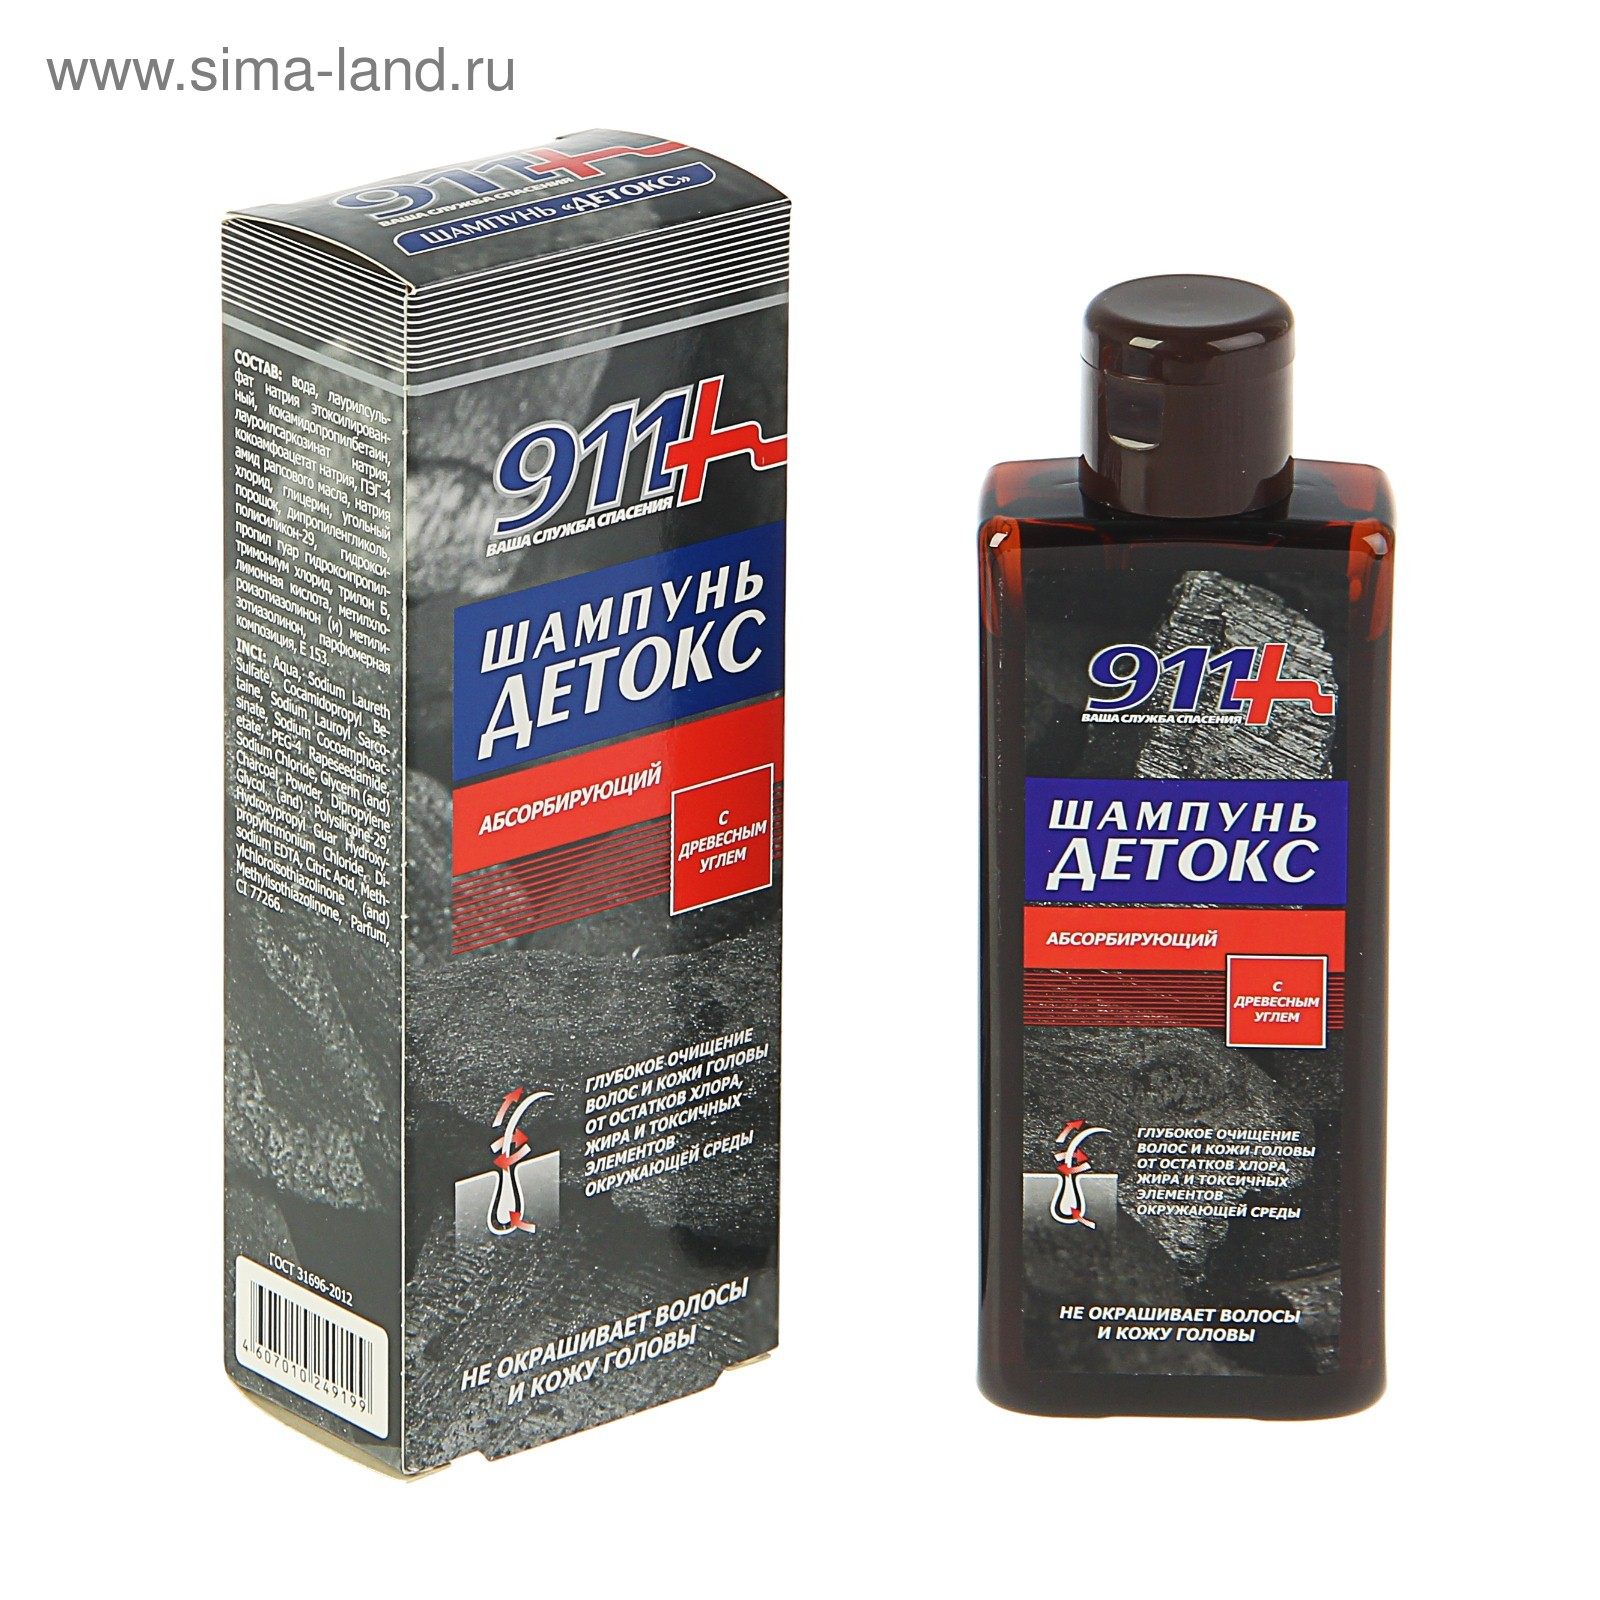 Шампунь дегтярный при себорее-псориазе-перхоти мл купить по цене в Москве -